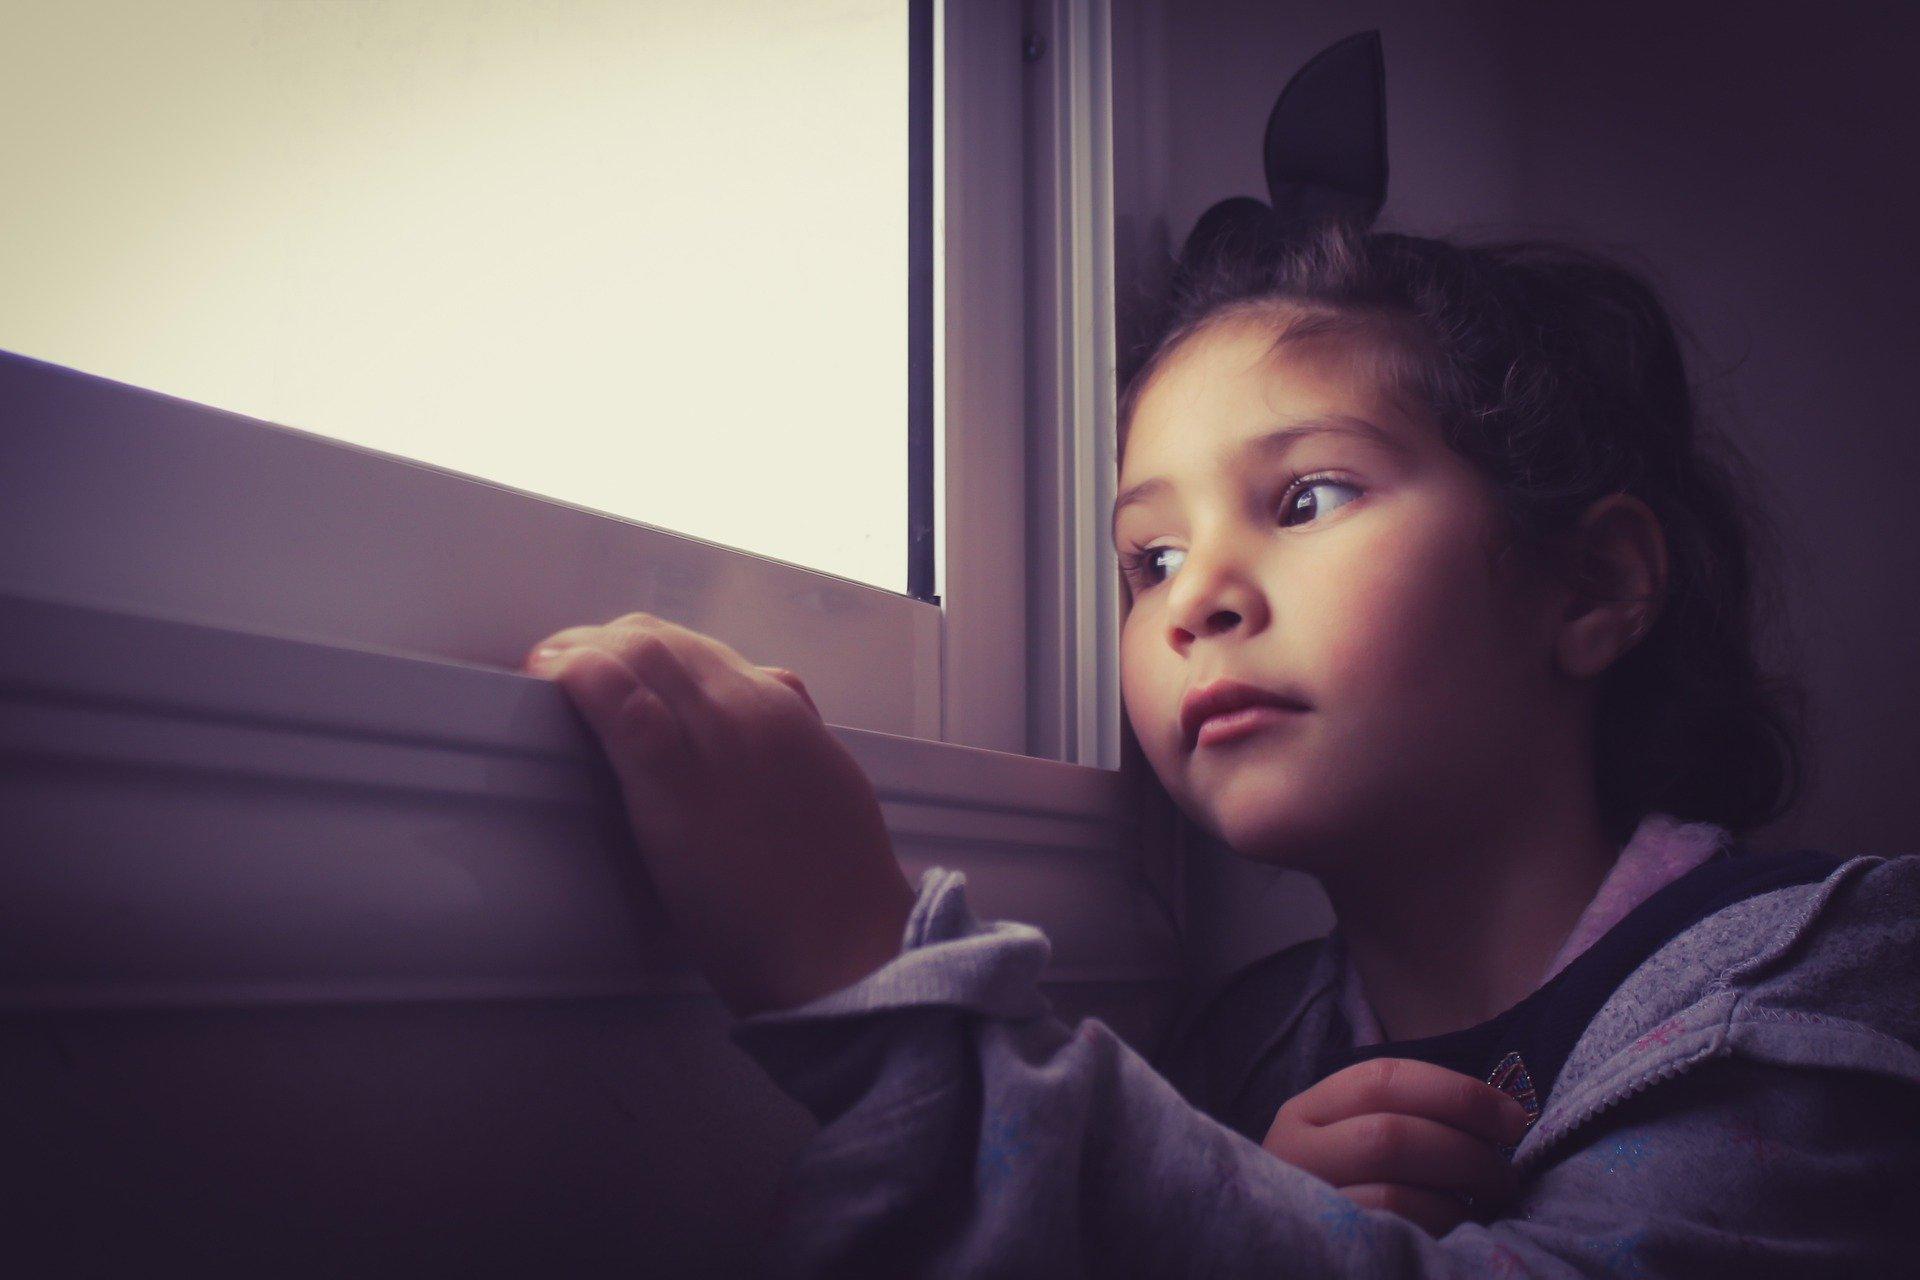 Anfrage zur psychosozialen Aufarbeitung der Corona-Pandemie bei Kindern und Jugendlichen